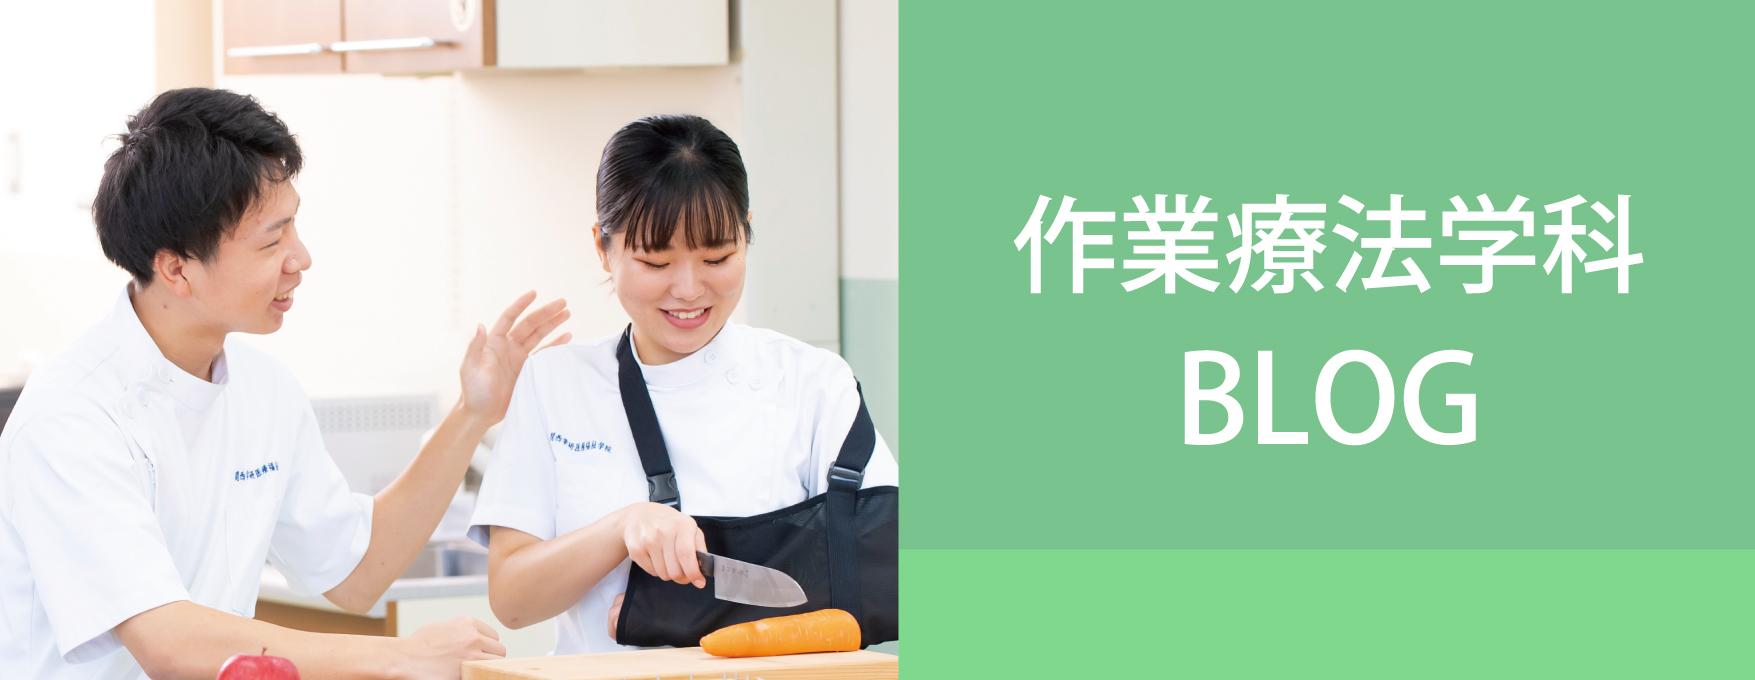 作業療法学科BLOG